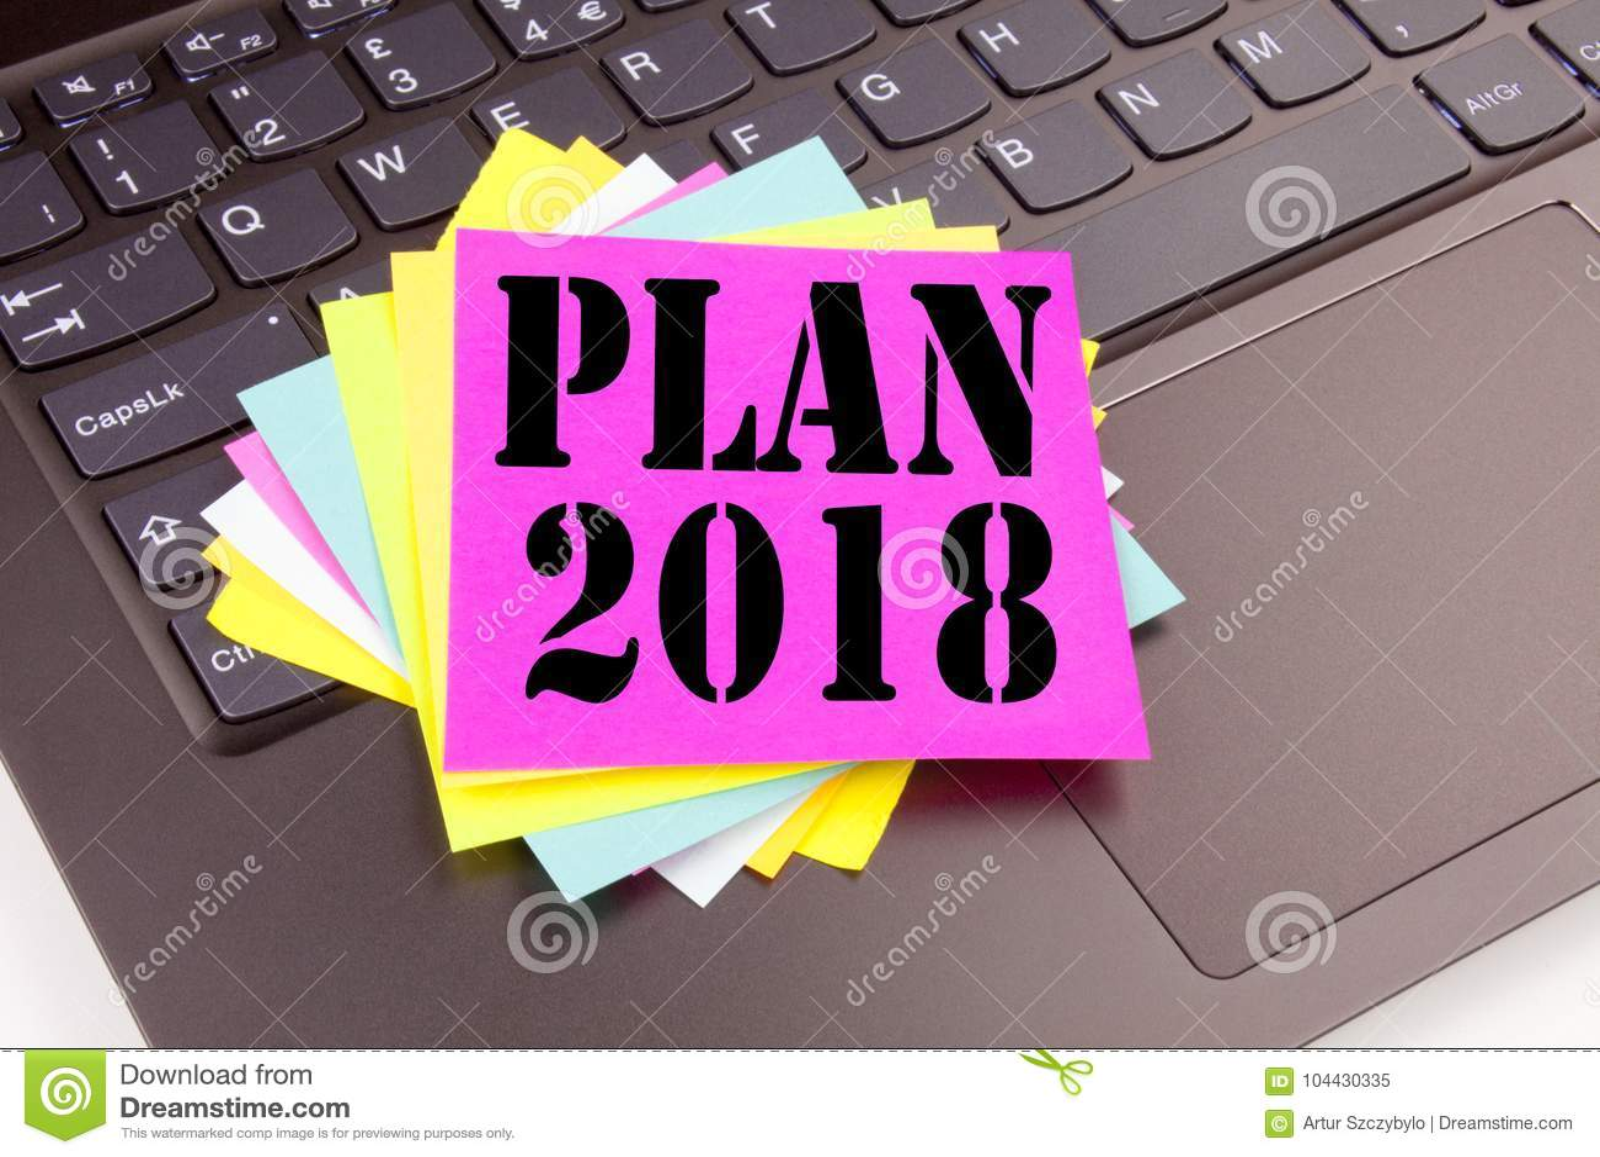 Bureau Le Plan : Texte du plan d écriture fait dans le plan rapproché de